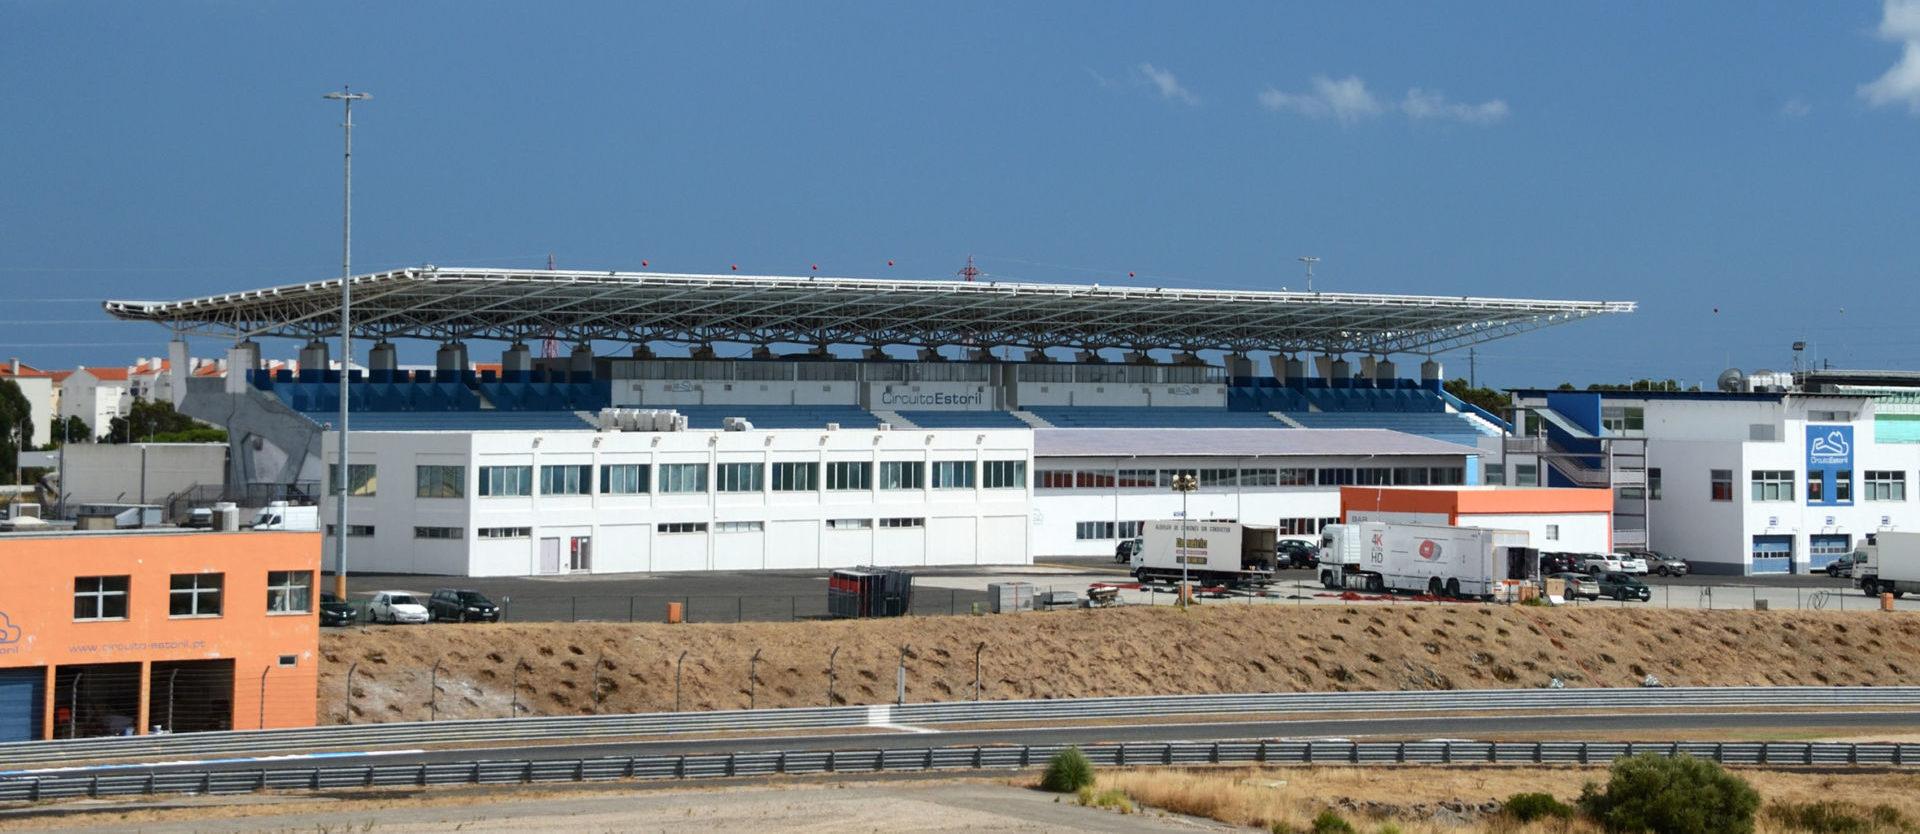 Circuito Estoril. Photo courtesy Circuito Estoril.